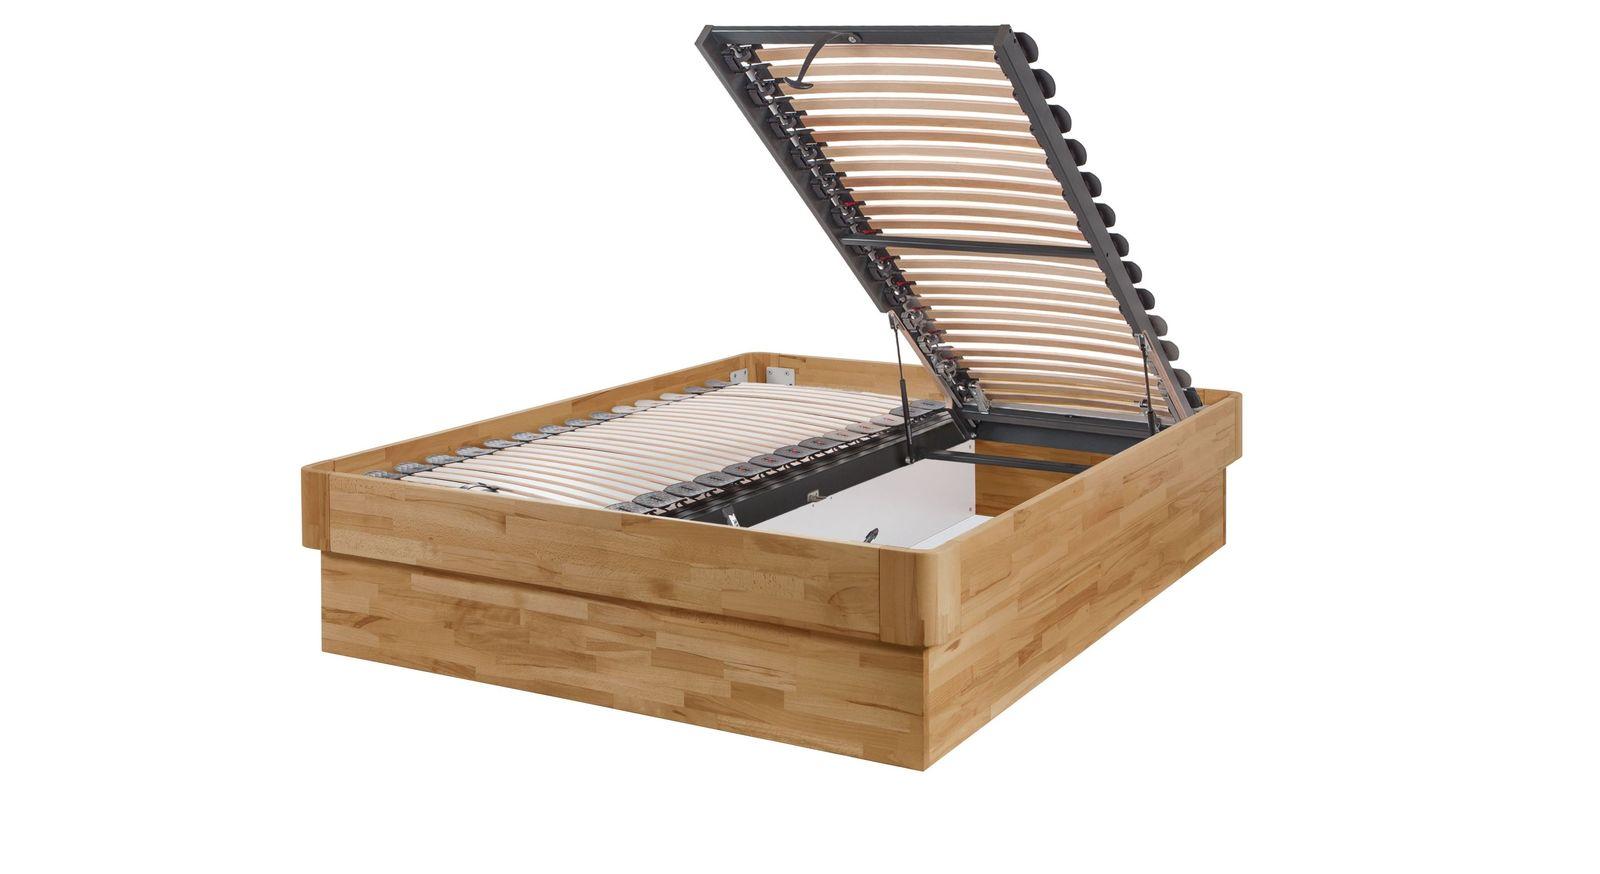 Fein Kingsize Bett Rahmen Mit Kopf Und Fußteil Galerie - Rahmen ...